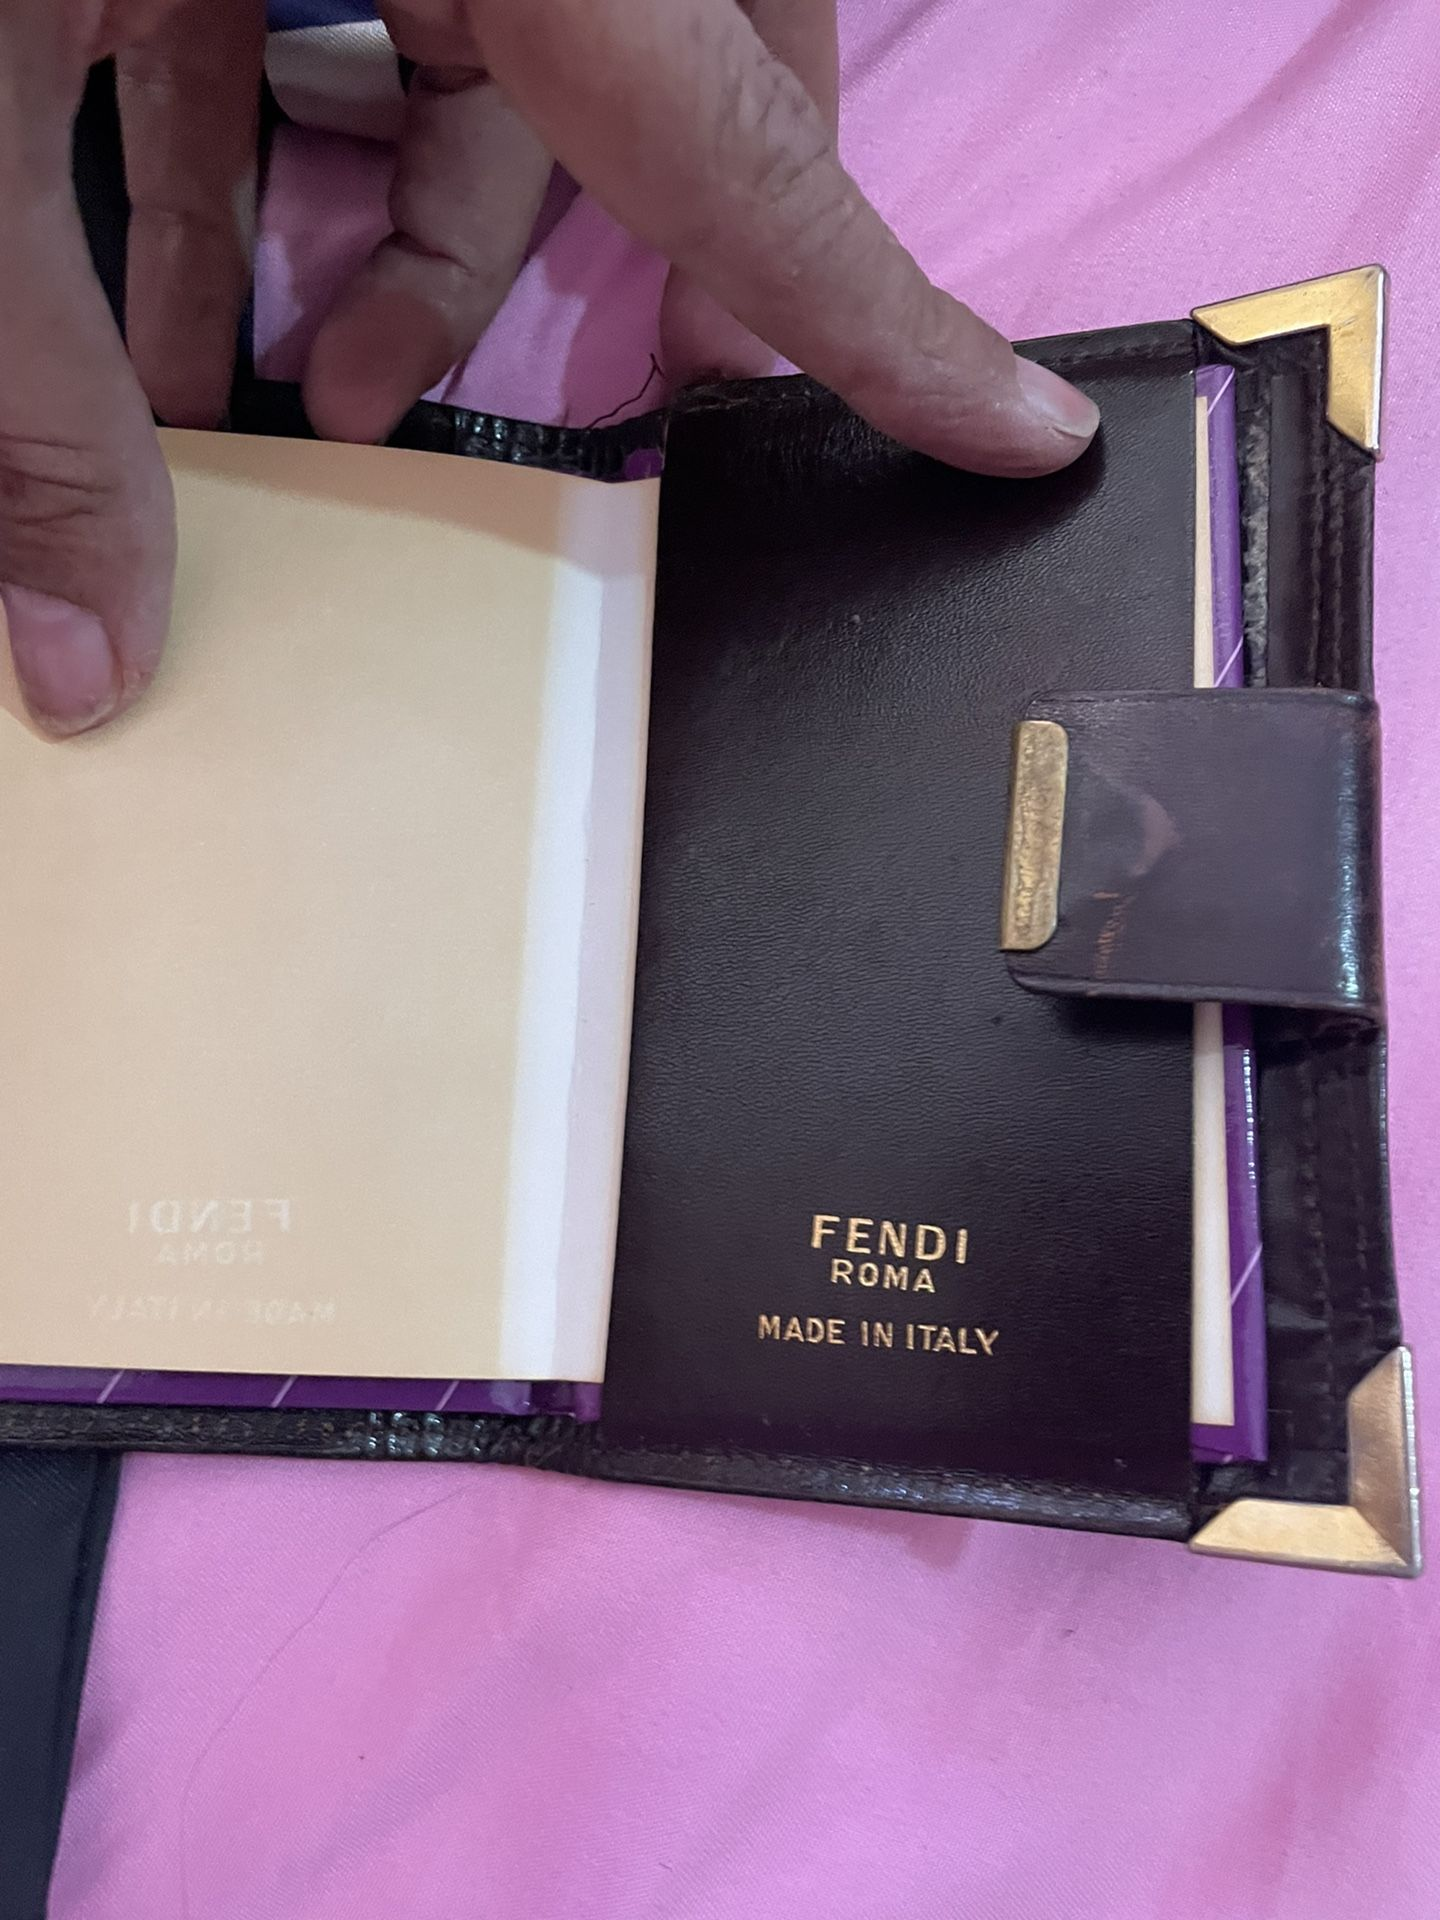 Vintage Fendi make up bag an address book